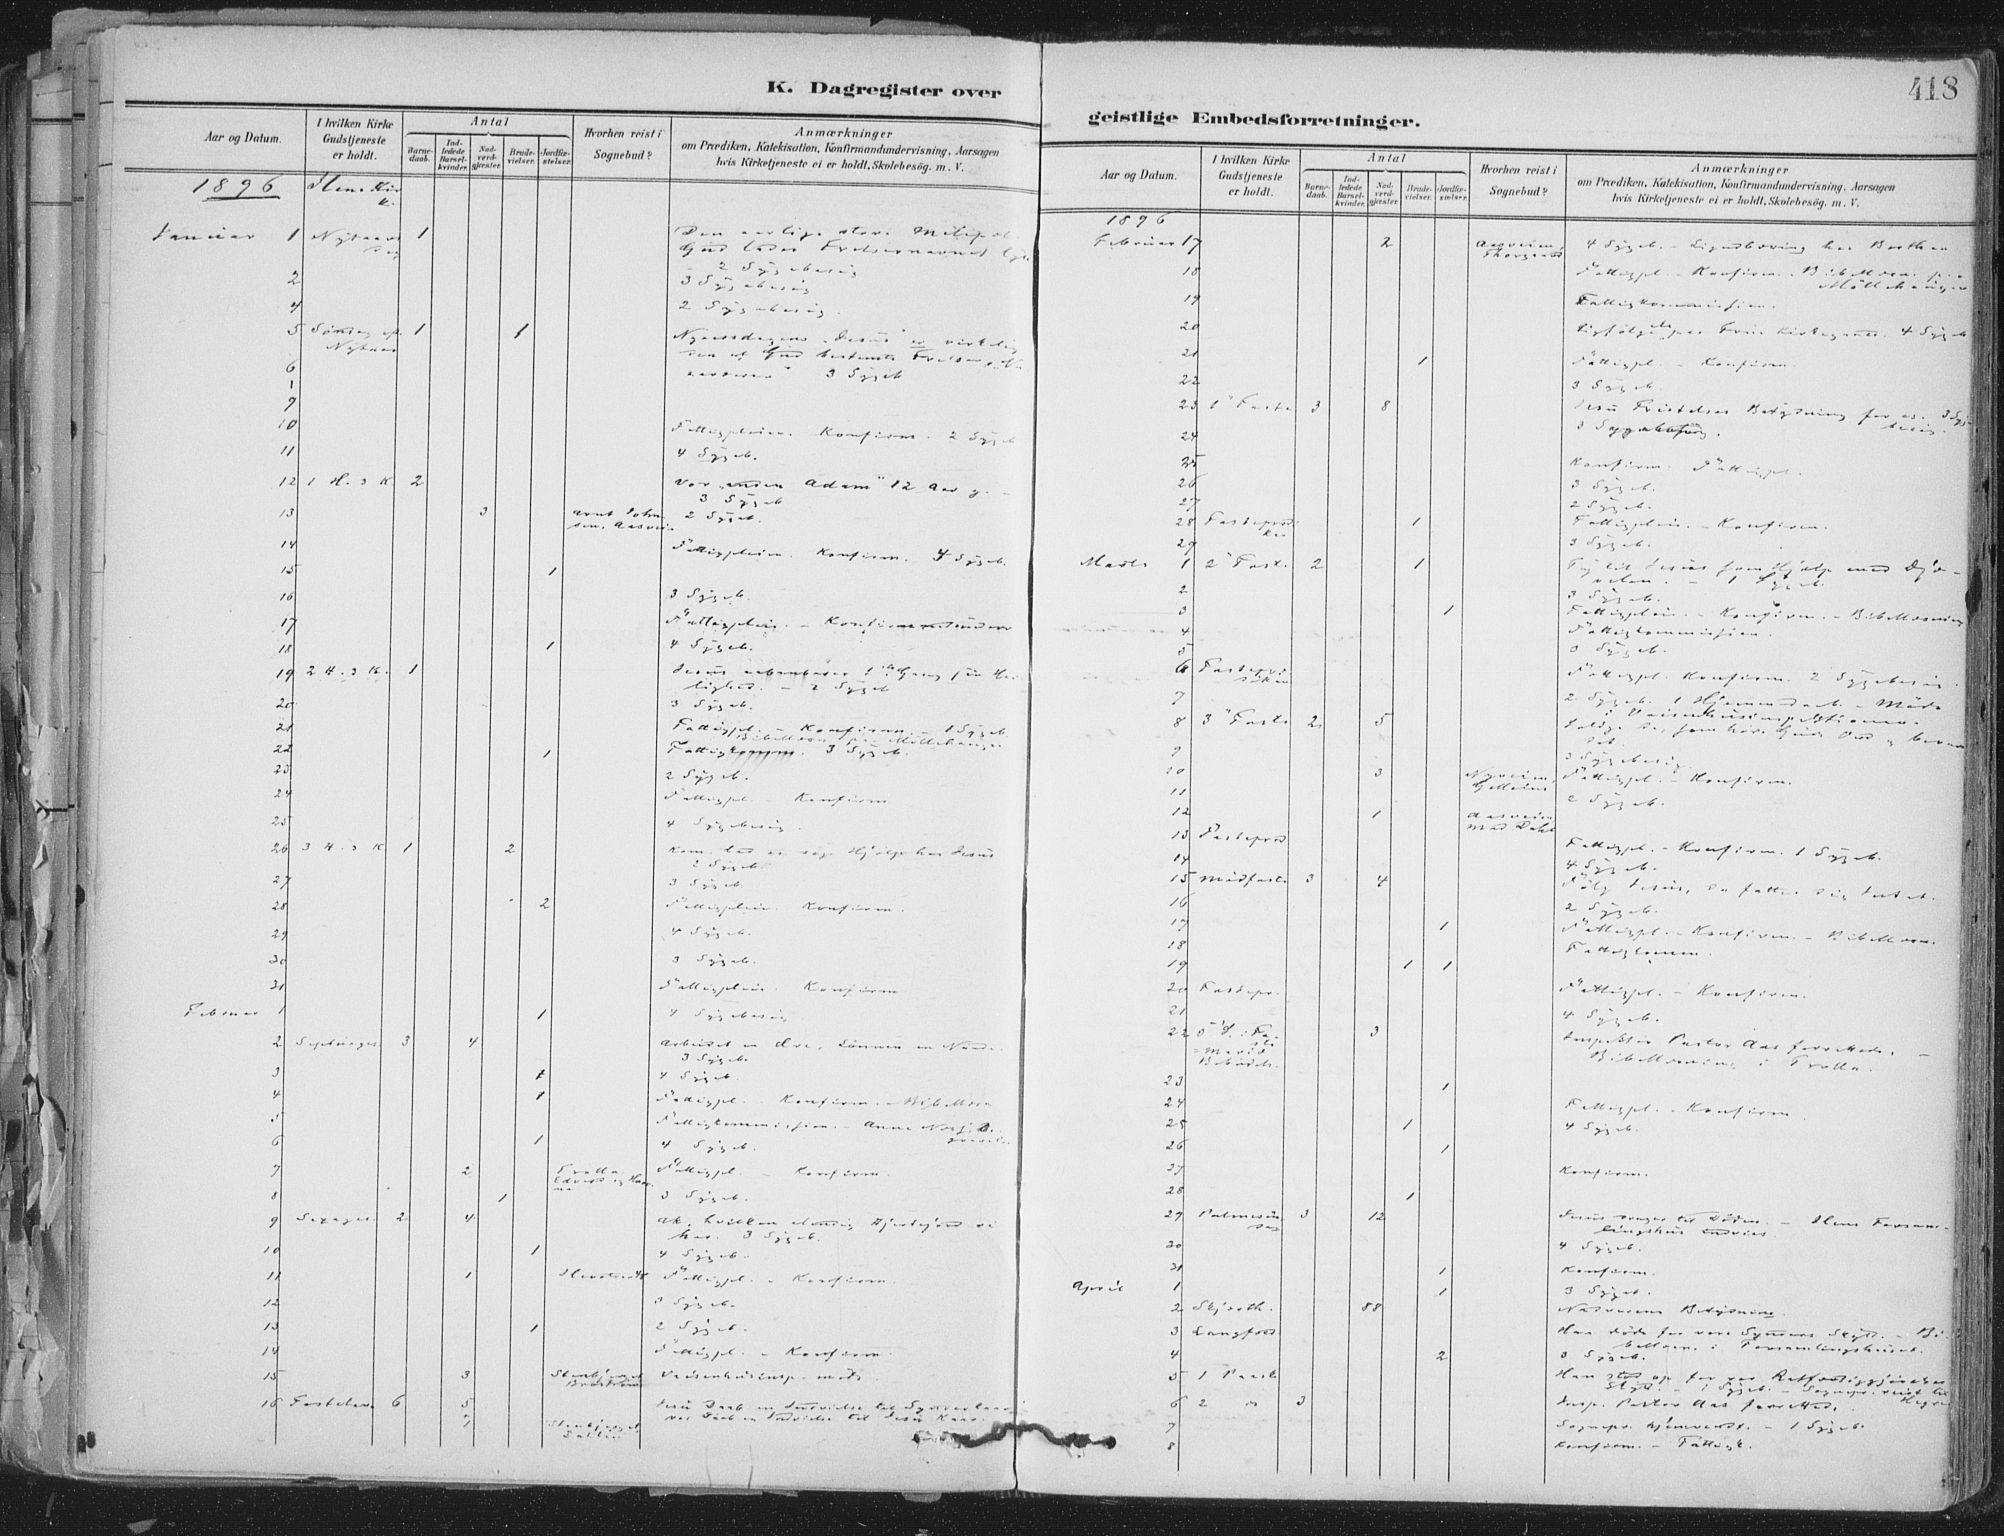 SAT, Ministerialprotokoller, klokkerbøker og fødselsregistre - Sør-Trøndelag, 603/L0167: Ministerialbok nr. 603A06, 1896-1932, s. 418